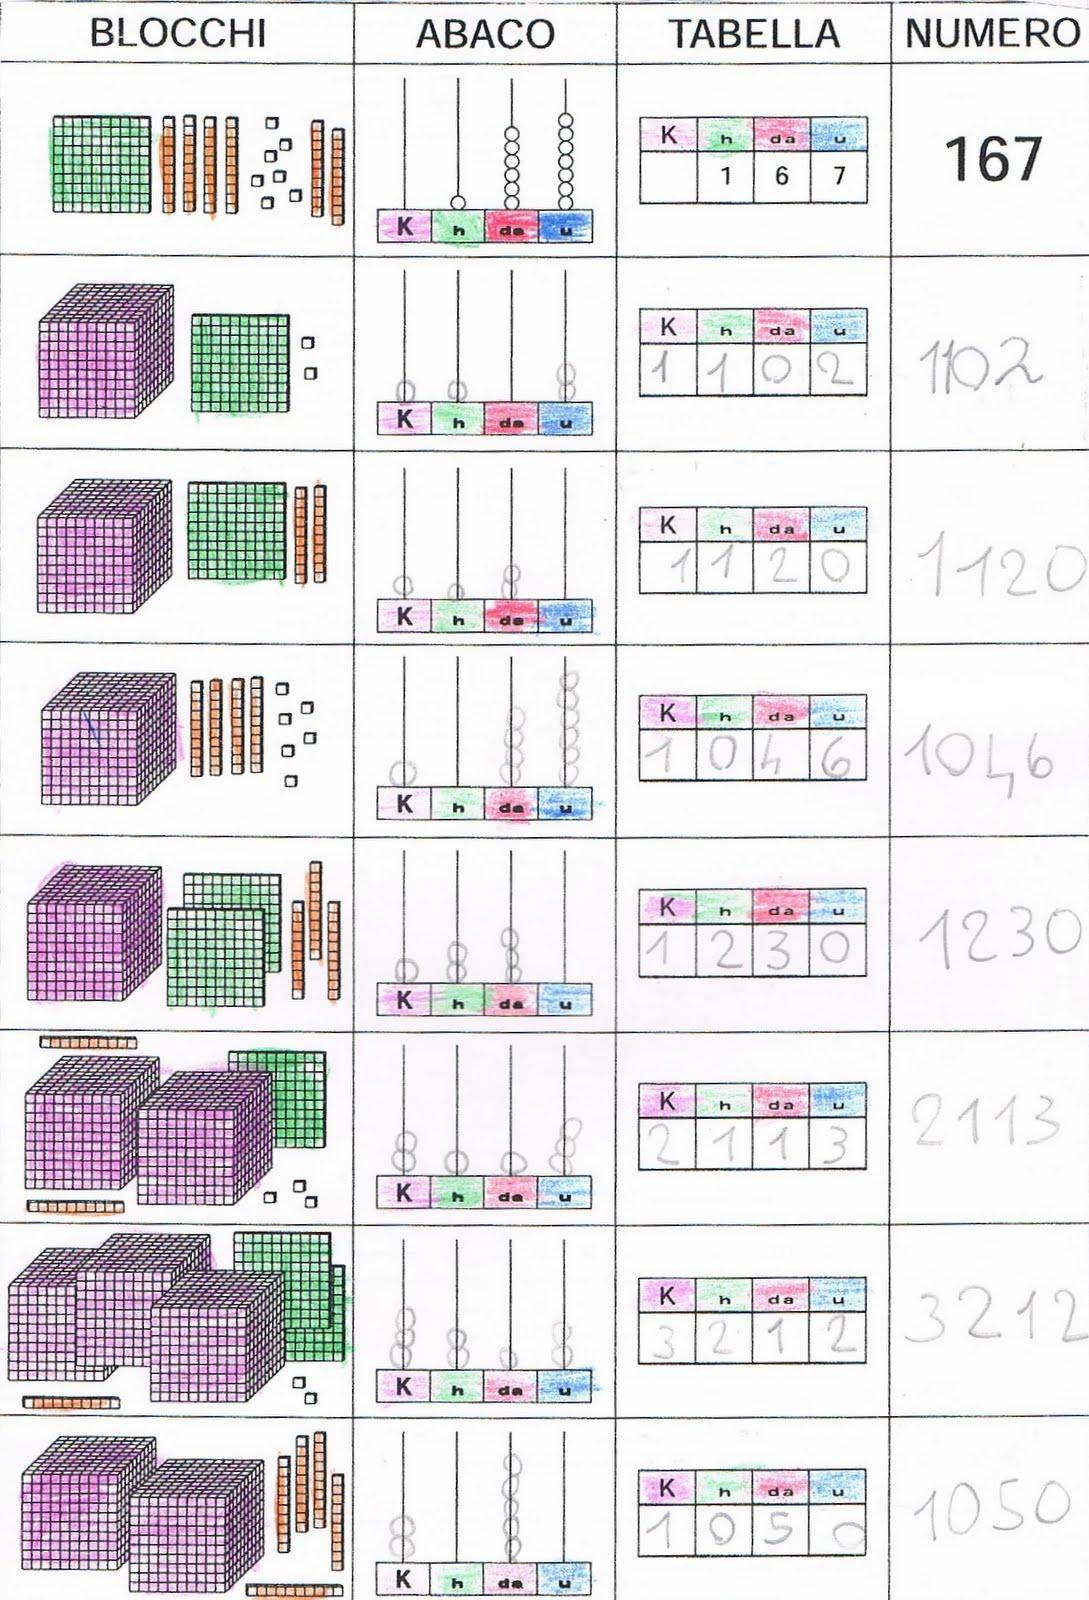 Exceptionnel Matematica per la scuola primaria: primi giorni di scuola in  UZ79